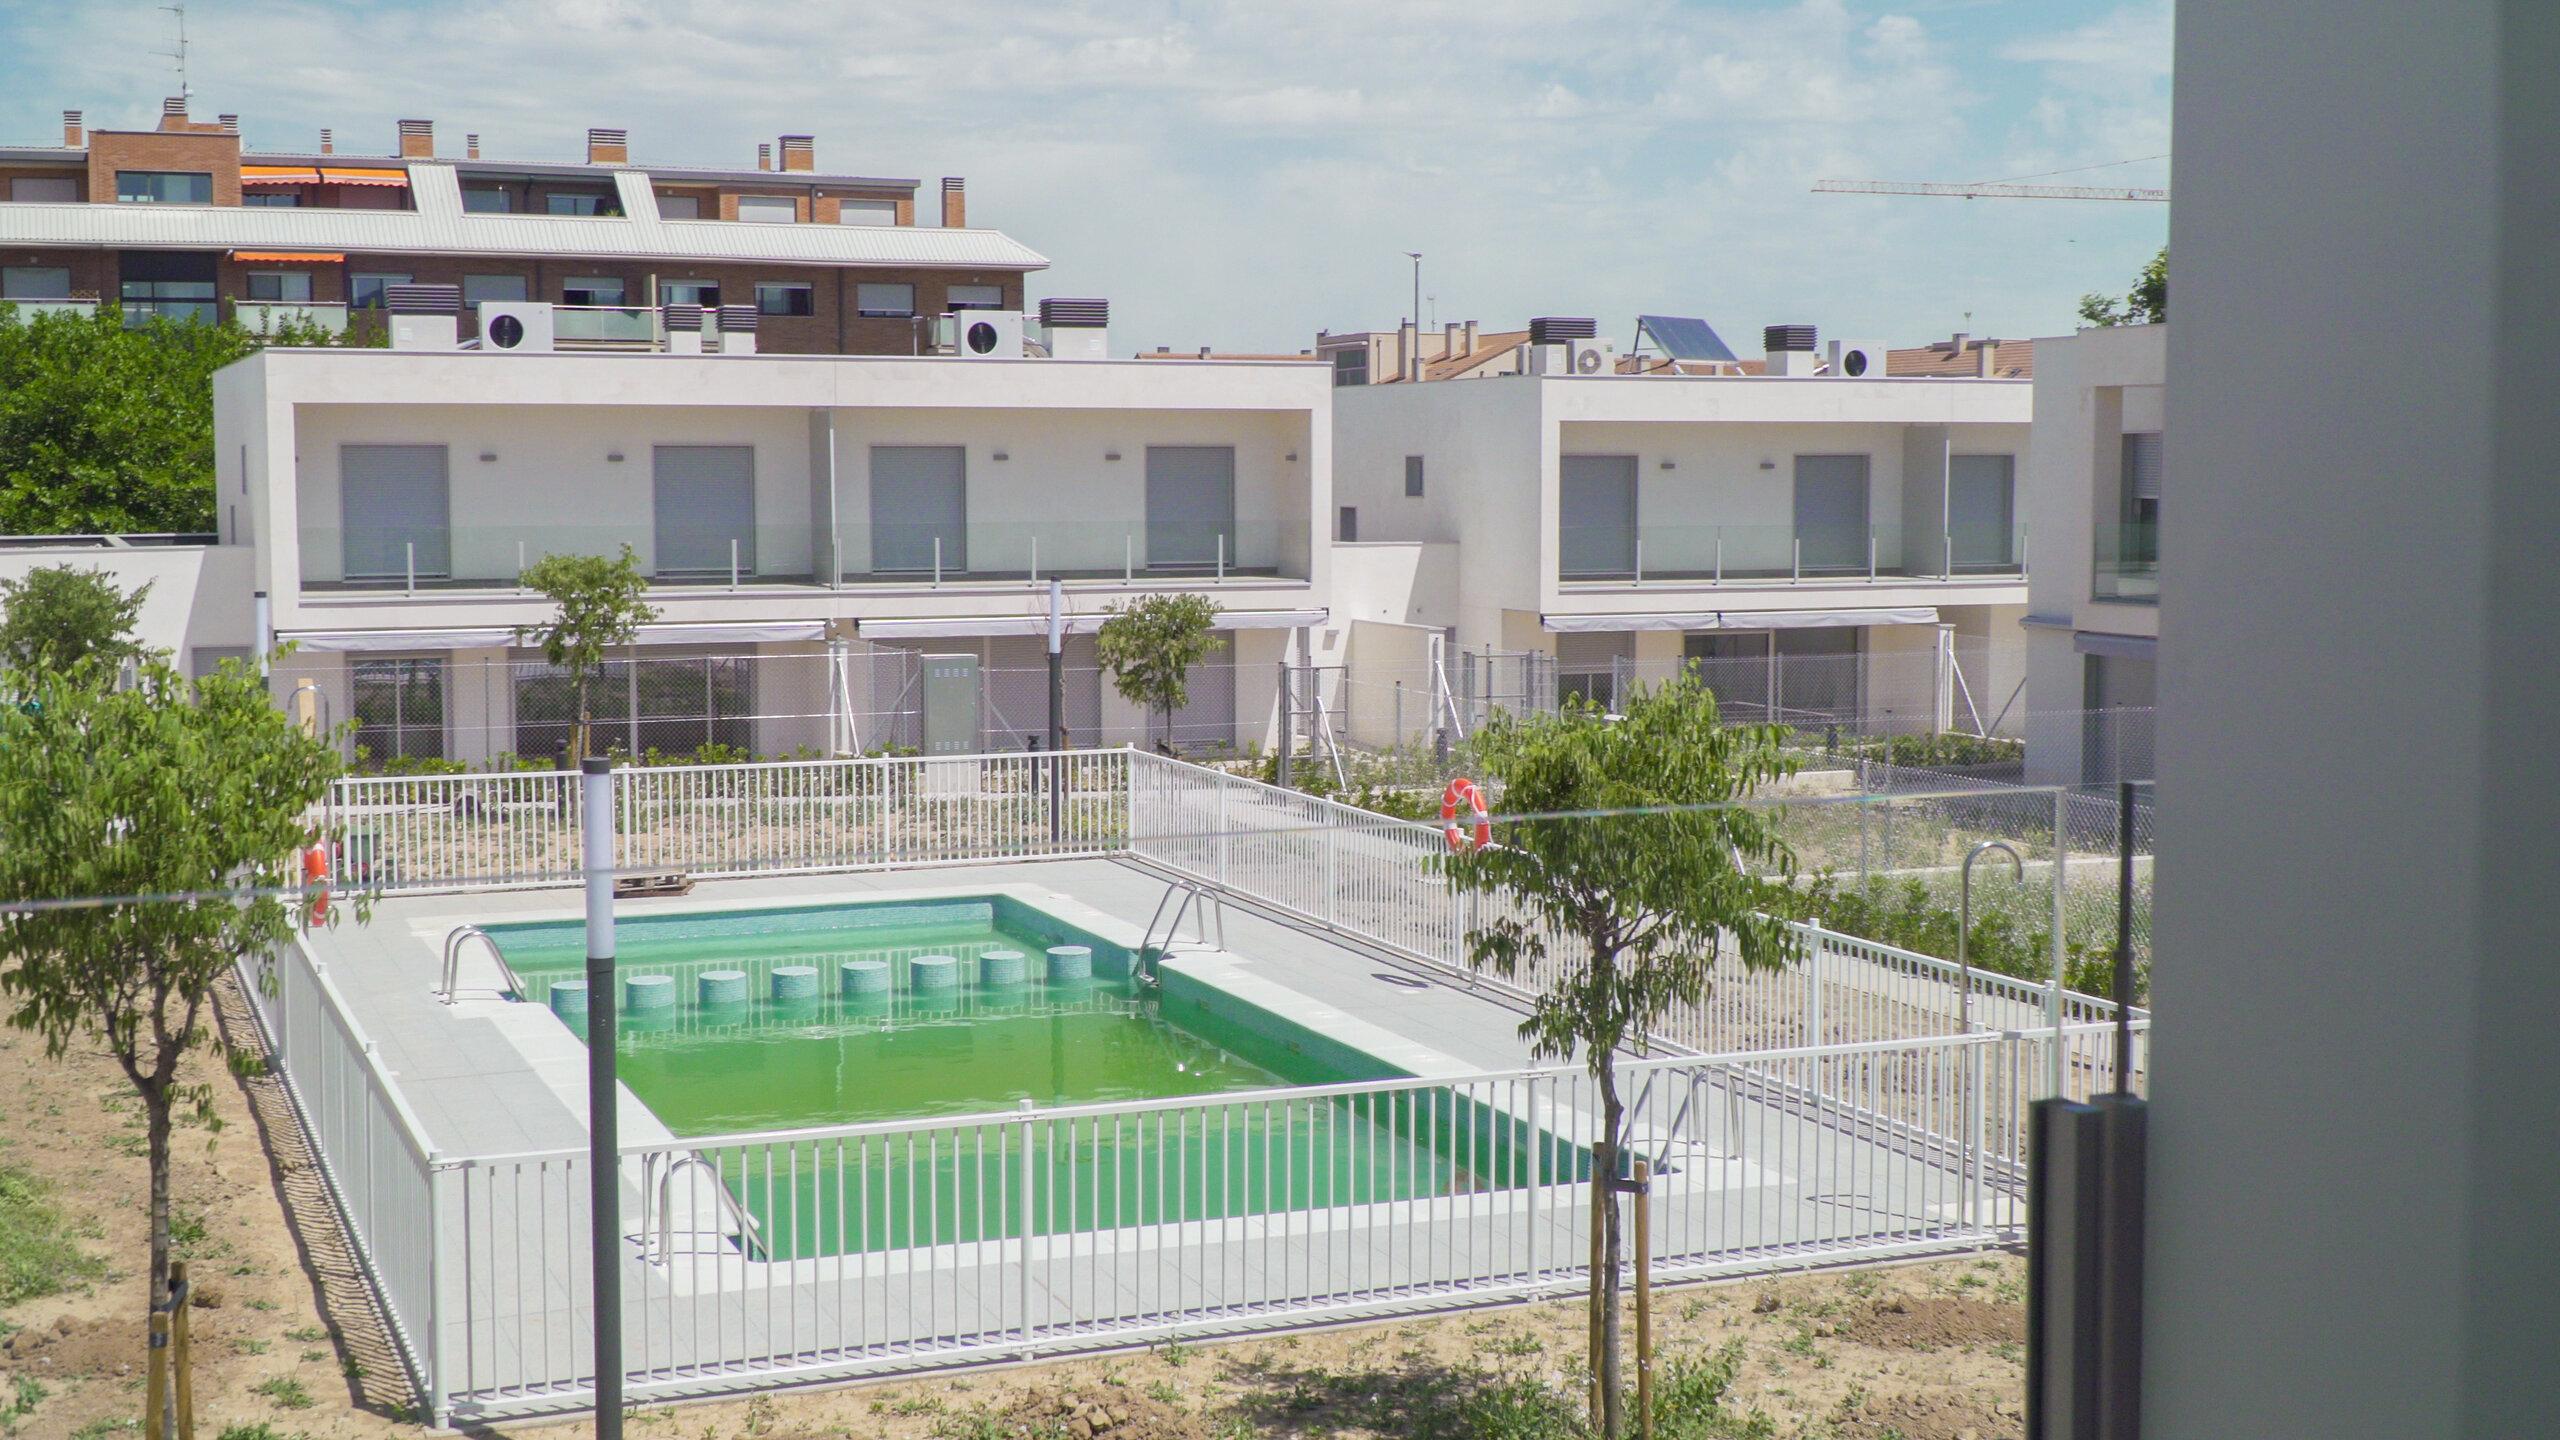 viviendas de la urbanización de cuarte